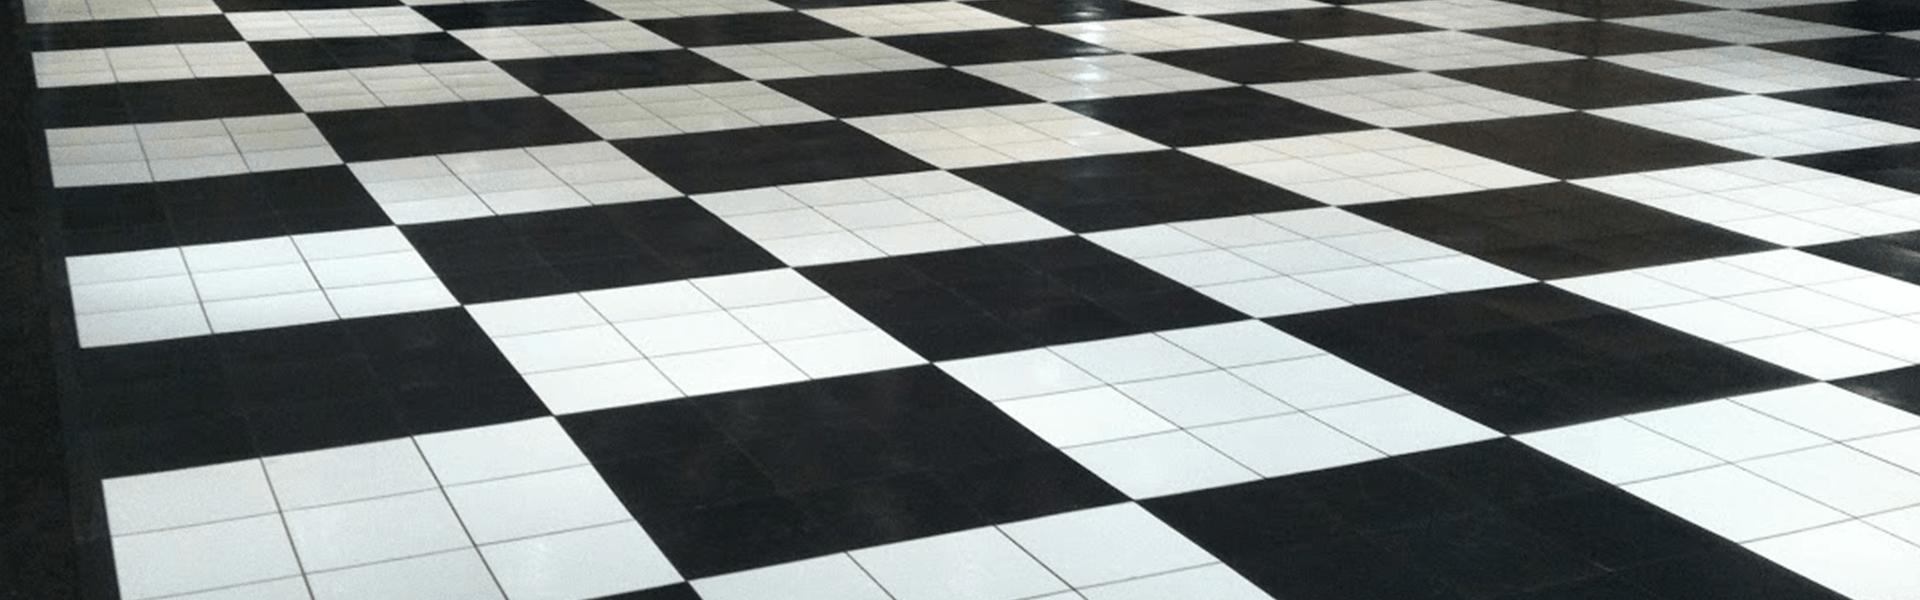 dance-floor hire